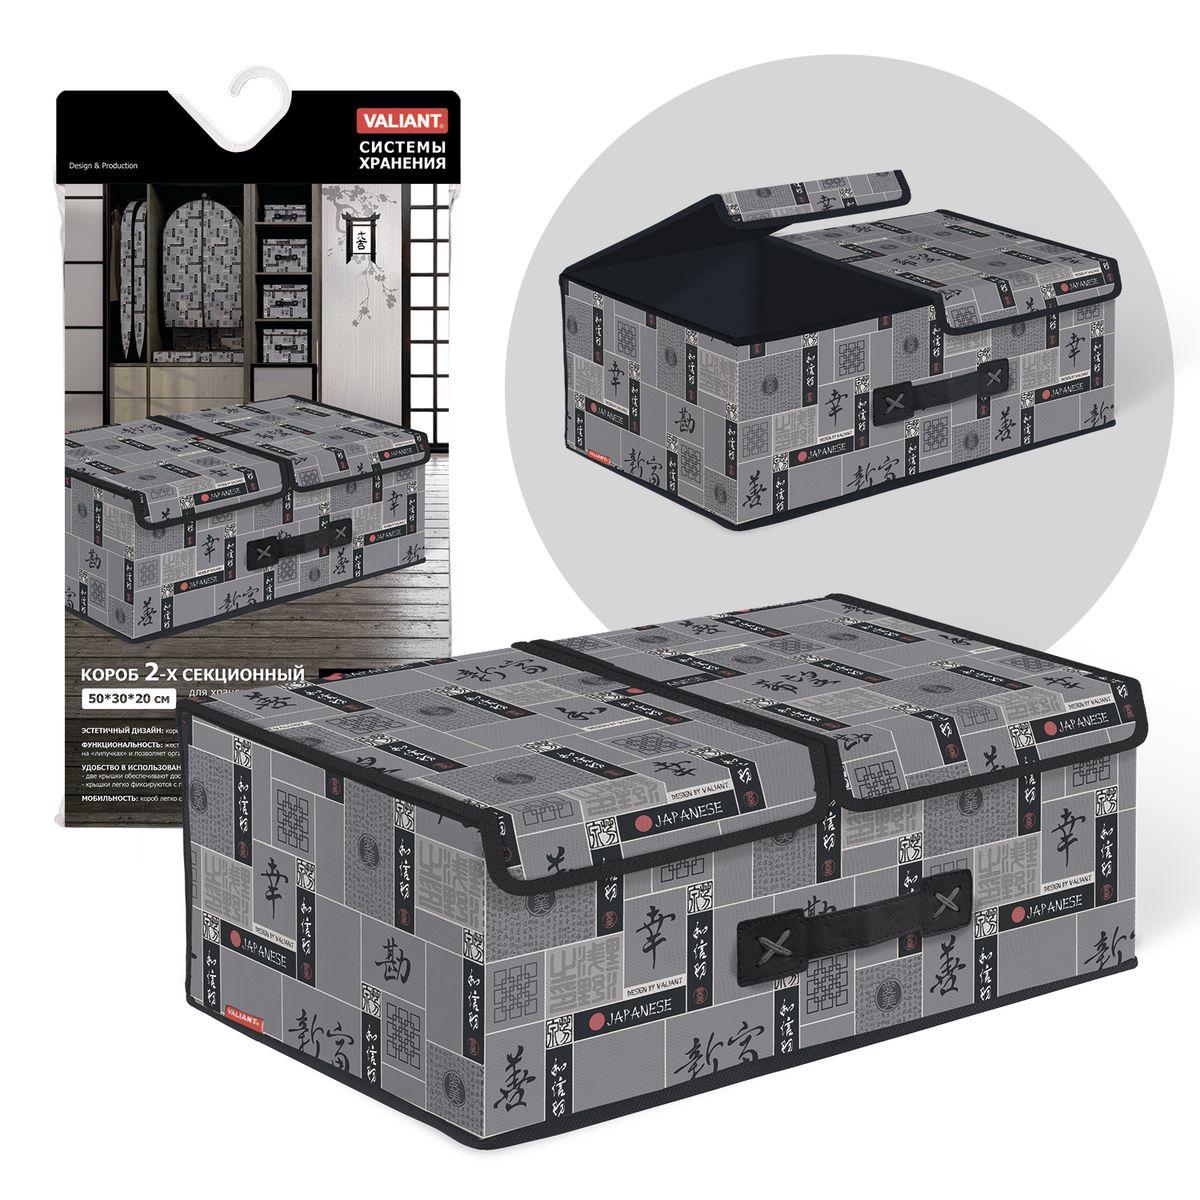 Короб стеллажный Valiant Japanese Black, двухсекционный, 50 х 30 х 20 смJB-BOX-L2Стеллажный короб Valiant Japanese Black изготовлен из высококачественного нетканого материала, который обеспечивает естественную вентиляцию, позволяя воздуху проникать внутрь, но не пропускает пыль. Вставки из плотного картона хорошо держат форму. Короб снабжен двумя секциями и специальными крышками, которые фиксируются с помощью липучек. Изделие отличается мобильностью: легко раскладывается и складывается. В таком коробе удобно хранить одежду, белье и мелкие аксессуары. Красивый авторский дизайн прекрасно впишется в интерьер. Система хранения Japanese Black создаст трогательную атмосферу романтического настроения в женском гардеробе. Оригинальный дизайн придется по вкусу ценительницам эстетичного хранения. Системы хранения в едином дизайне сделают вашу гардеробную изысканной и невероятно стильной.